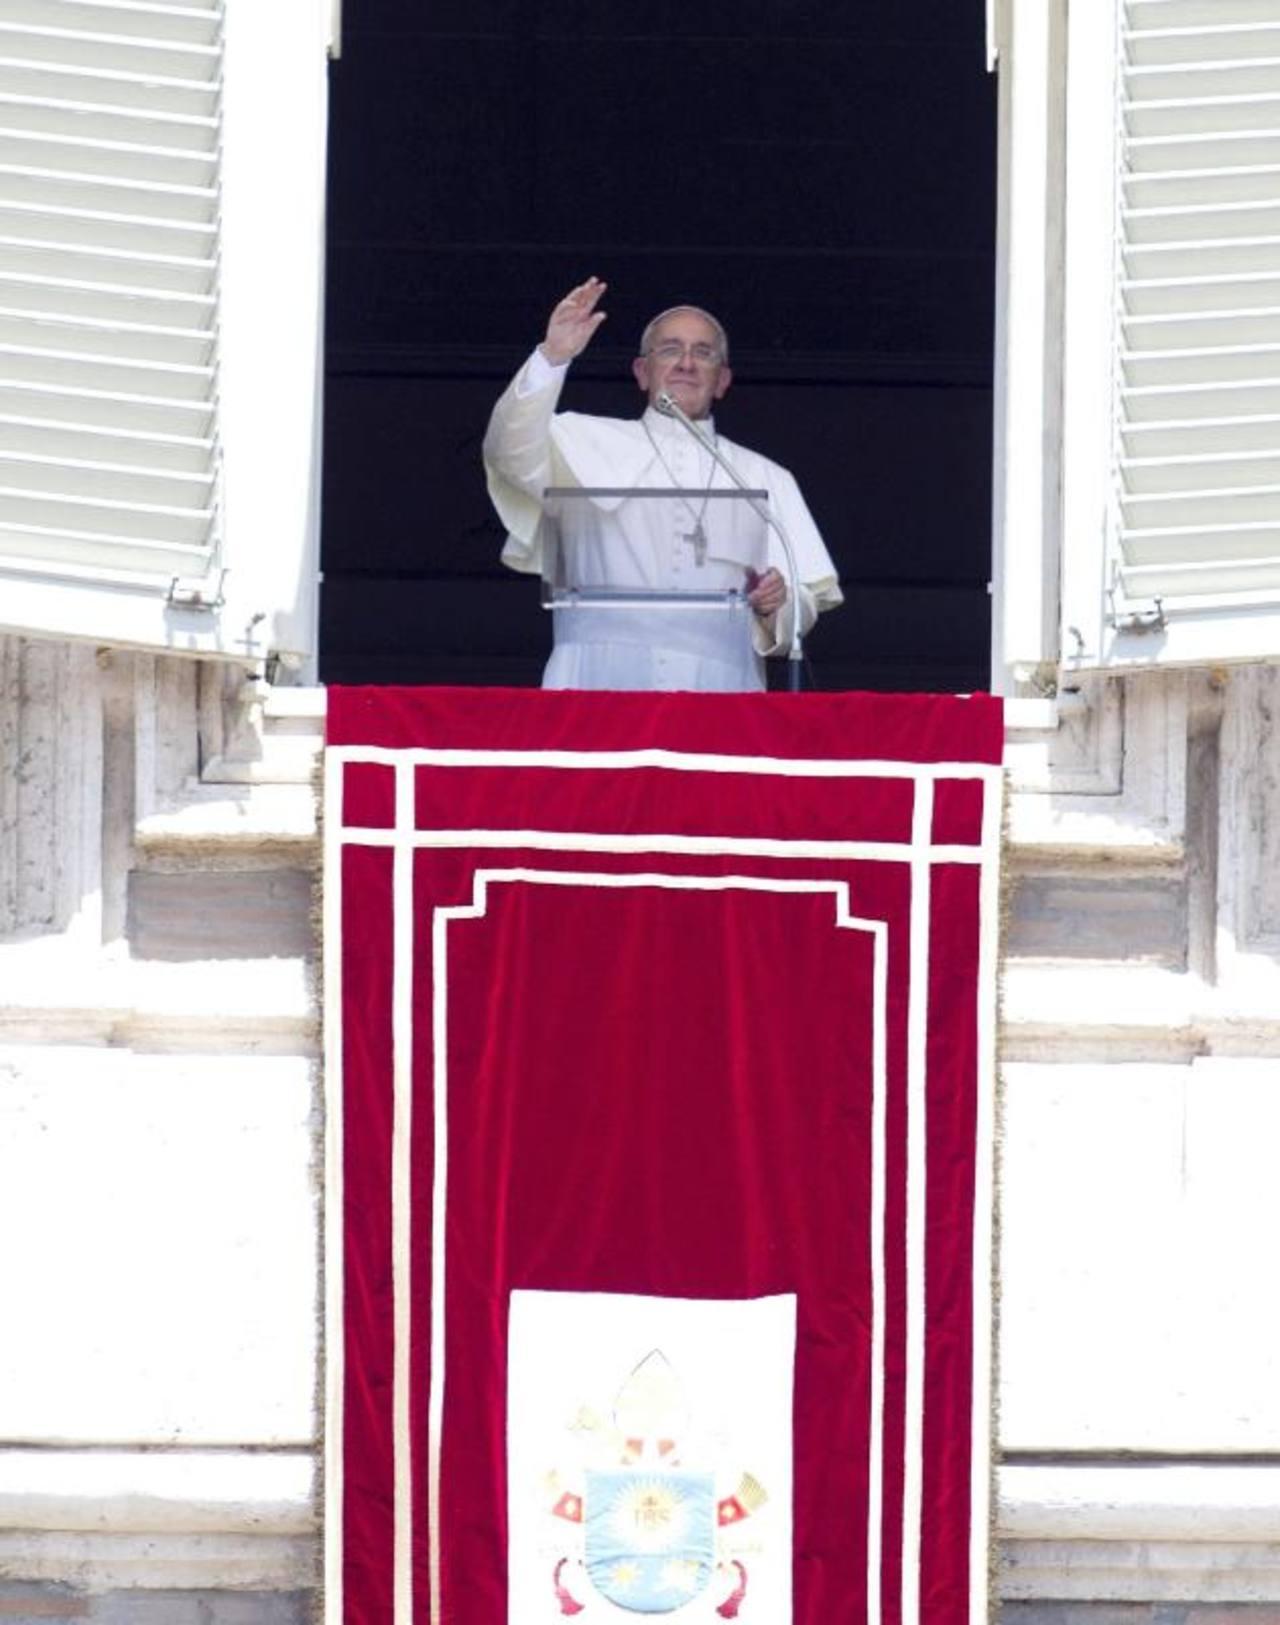 Con un decreto, el Papa aumentó los poderes de la institución a cargo del control interno del Vaticano. foto edh / efe